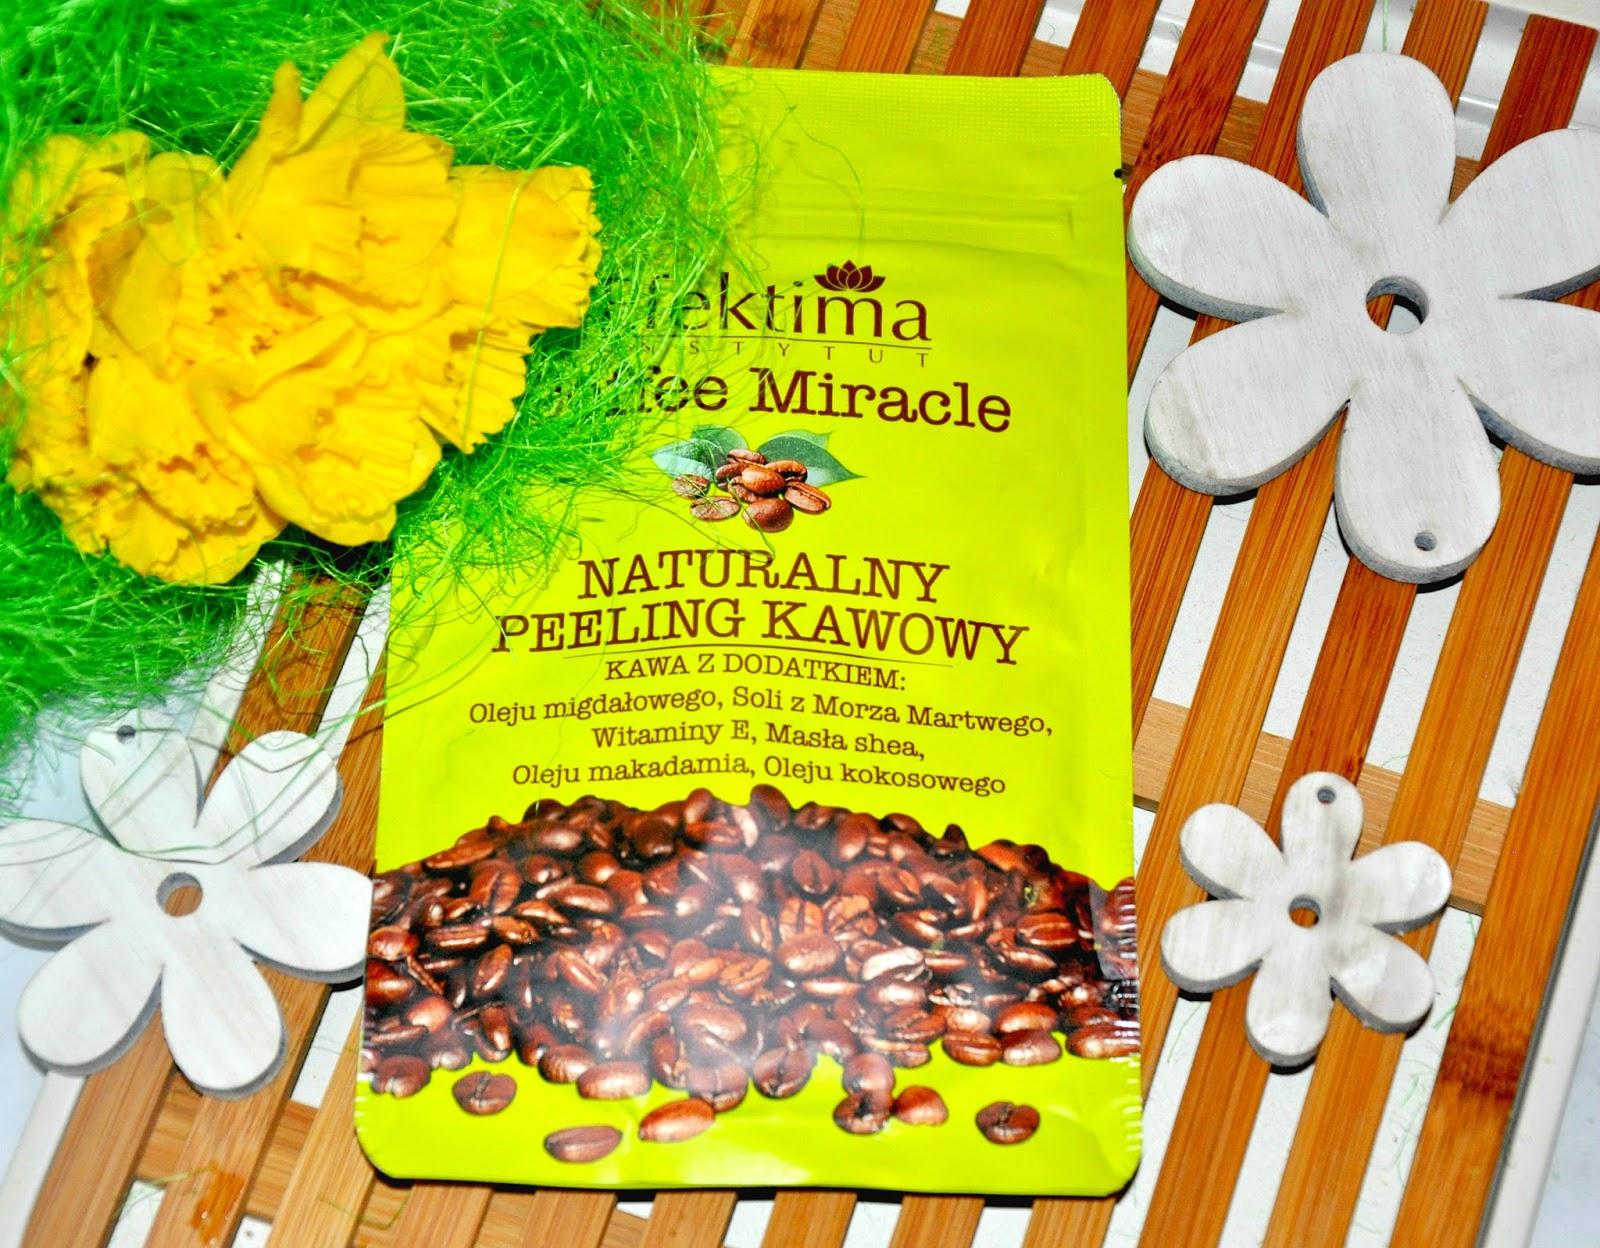 COFFEE MIRACLE Naturalny peeling kawowy - Gotowy do zabiegów peeling do ciała stworzony z myślą o działaniu wyszczuplającym, wygładzającym oraz wspomagającym walkę z uporczywym cellulitem. Pozwala na profesjonalną pielęgnację, bez konieczności wychodzenia z domu. Odpowiednie połączenie specjalnie przygotowanej i wyselekcjonowanej do zabiegów kosmetycznych kawy oraz olejków i składników pielęgnujących wpływa na jakość produktu, zaspokajając potrzeby wymagających kobiet. Peeling doskonale złuszcza martwy naskórek i poprawia krążenie. Kawa z dodatkiem: Oleju migdałowego, Soli z Morza Martwego, Witaminy E, Masła shea, Oleju makadamia, Oleju kokosowego